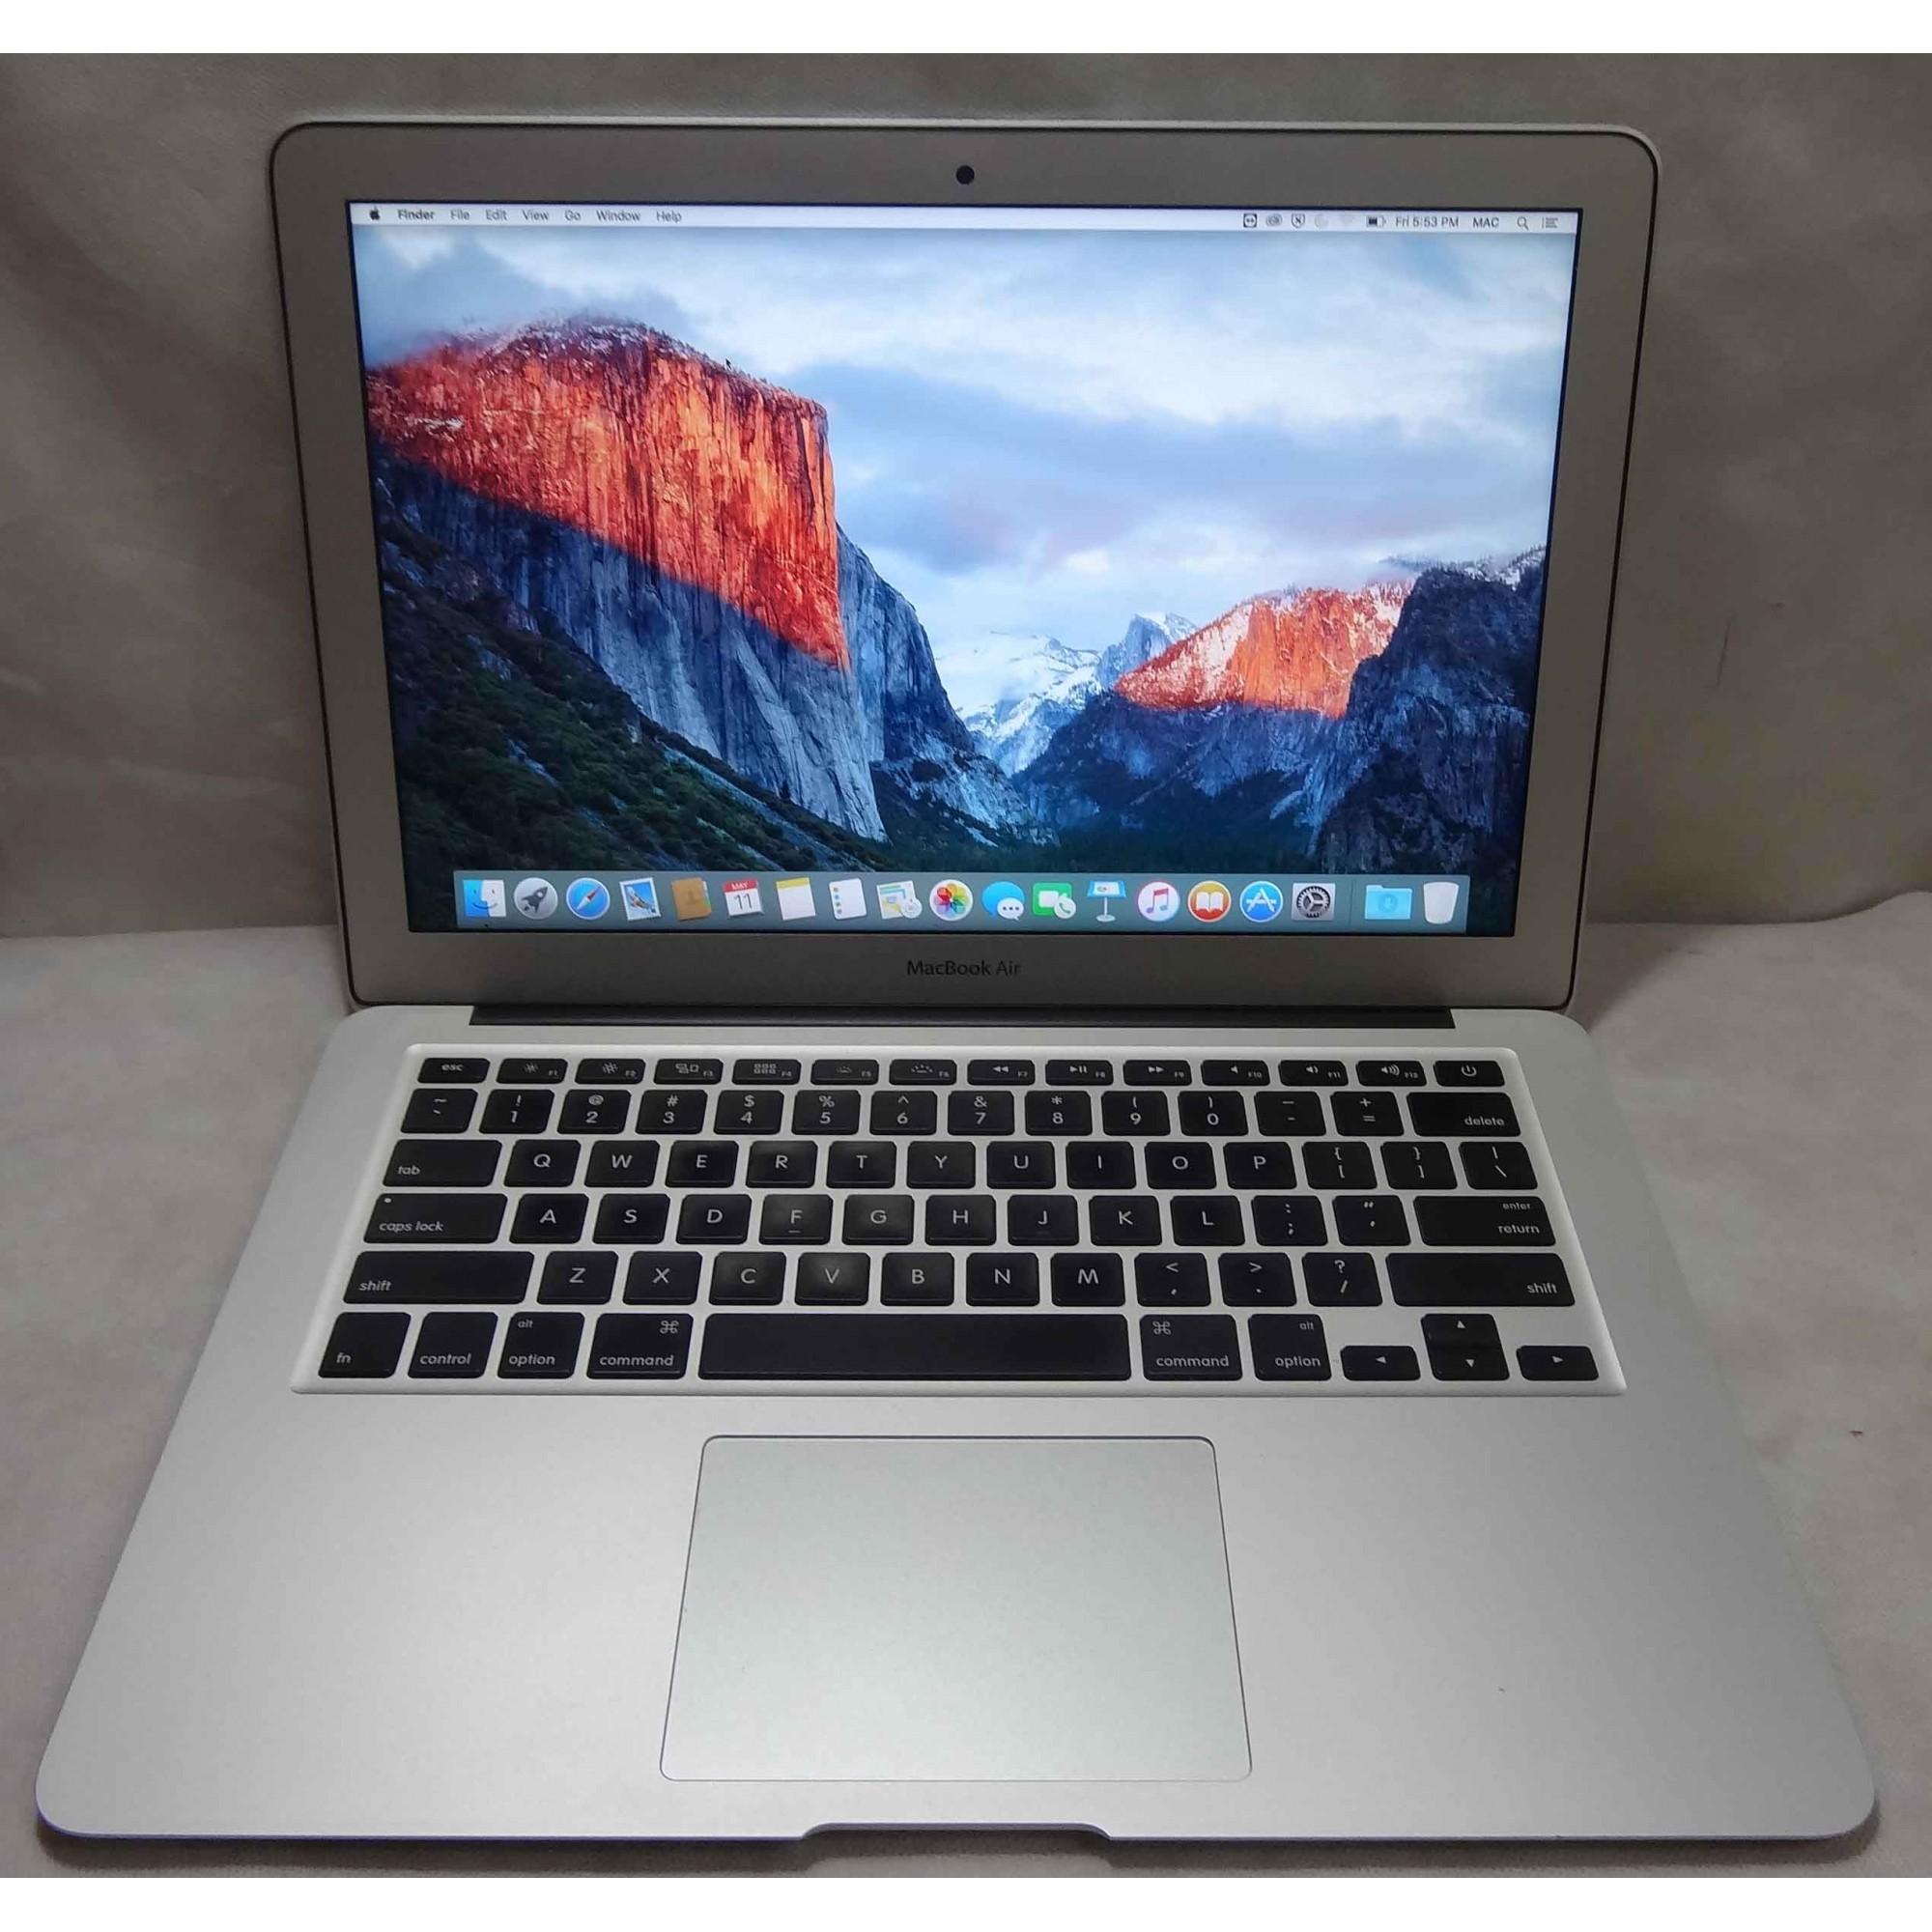 Macbook Air MJVE2LL/A 13.3'' Intel Core i5 1.6GHz 8GB SSD-256GB